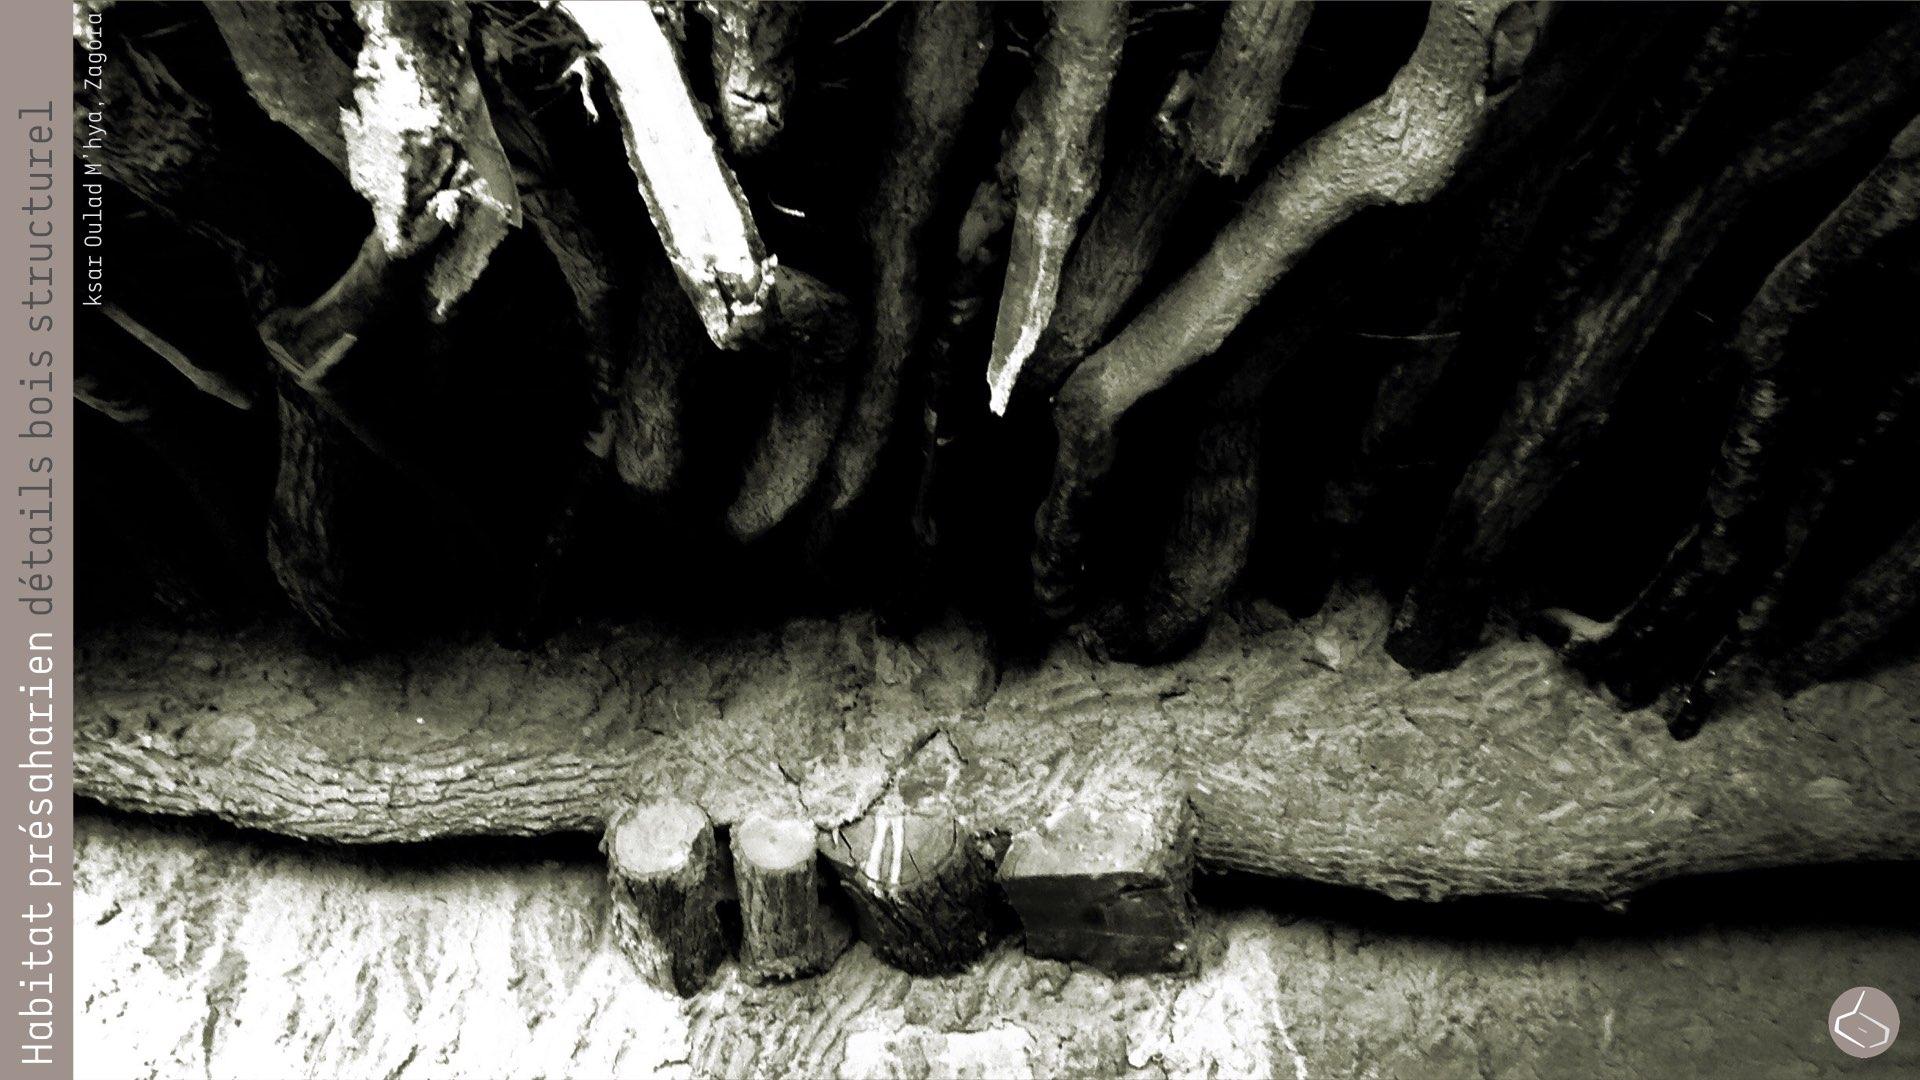 67. La dégradation qui souffrent les murs avec la poussée horizontale transmise par les poutrelles en bois, peut être mitigée si l'on utilise une poutre parallèle au mur, de telle manière que les petits mouvements de la structure horizontale ne se reproduiront sur le mur, une solution que l'on trouve seulement dans l'oasis de M'hamid.       67. The degradation suffered by walls with the horizontal thrust transmitted by the wooden beams, can be mitigated if there is a beam parallel to the wall, so that the small movements of the horizontal structure will not be transmitted directly on the wall, a solution we just saw in the oasis of M'hamid.